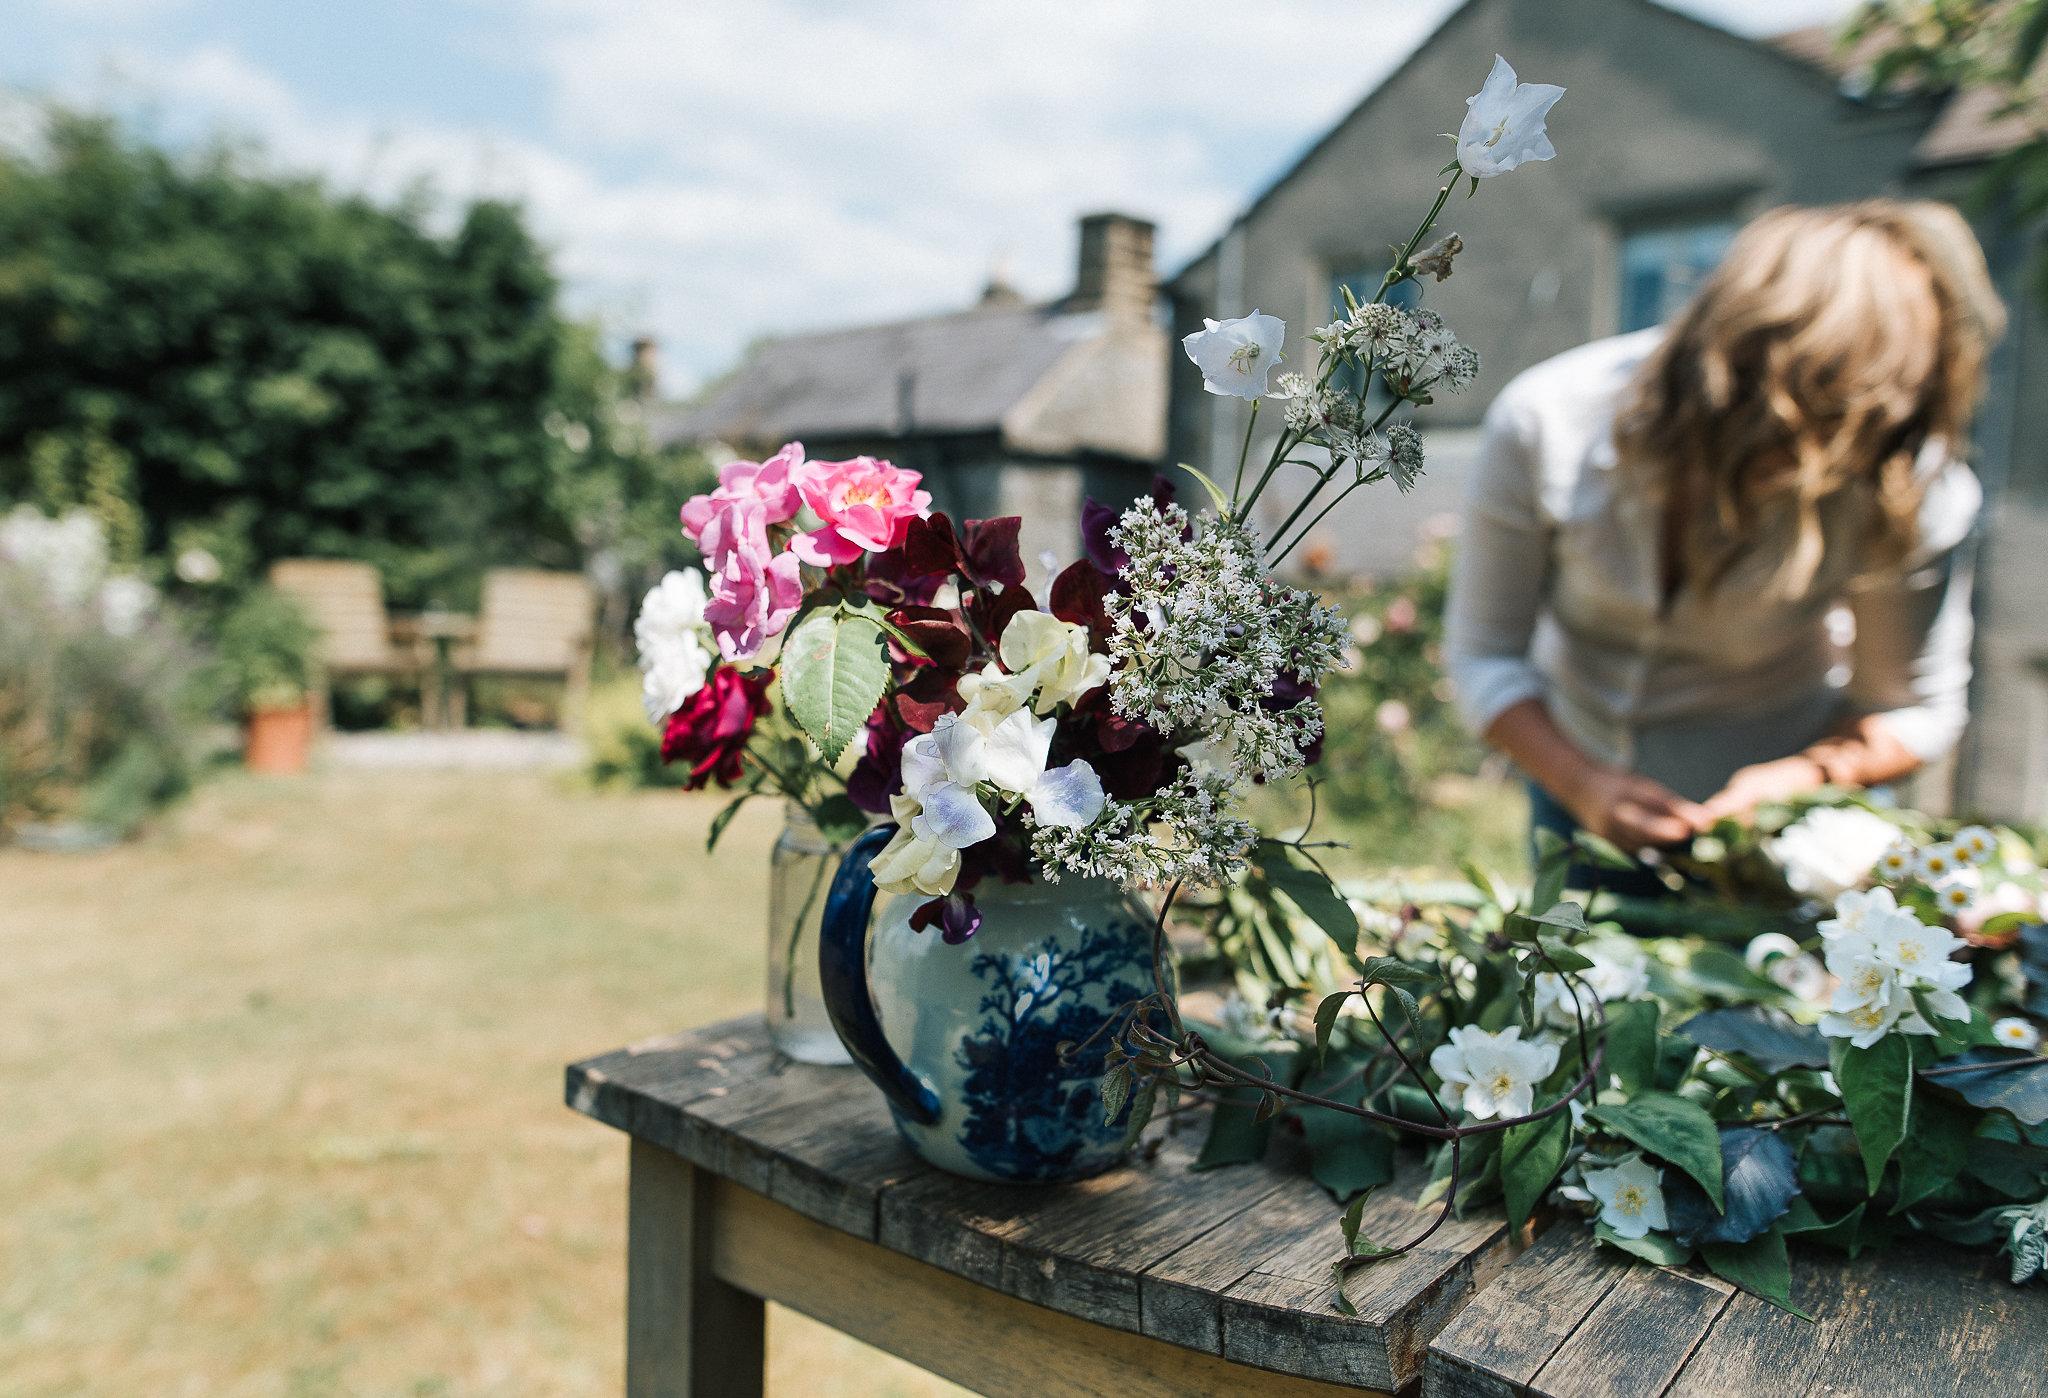 DIY tutorial - flower hoop decoration for weddings